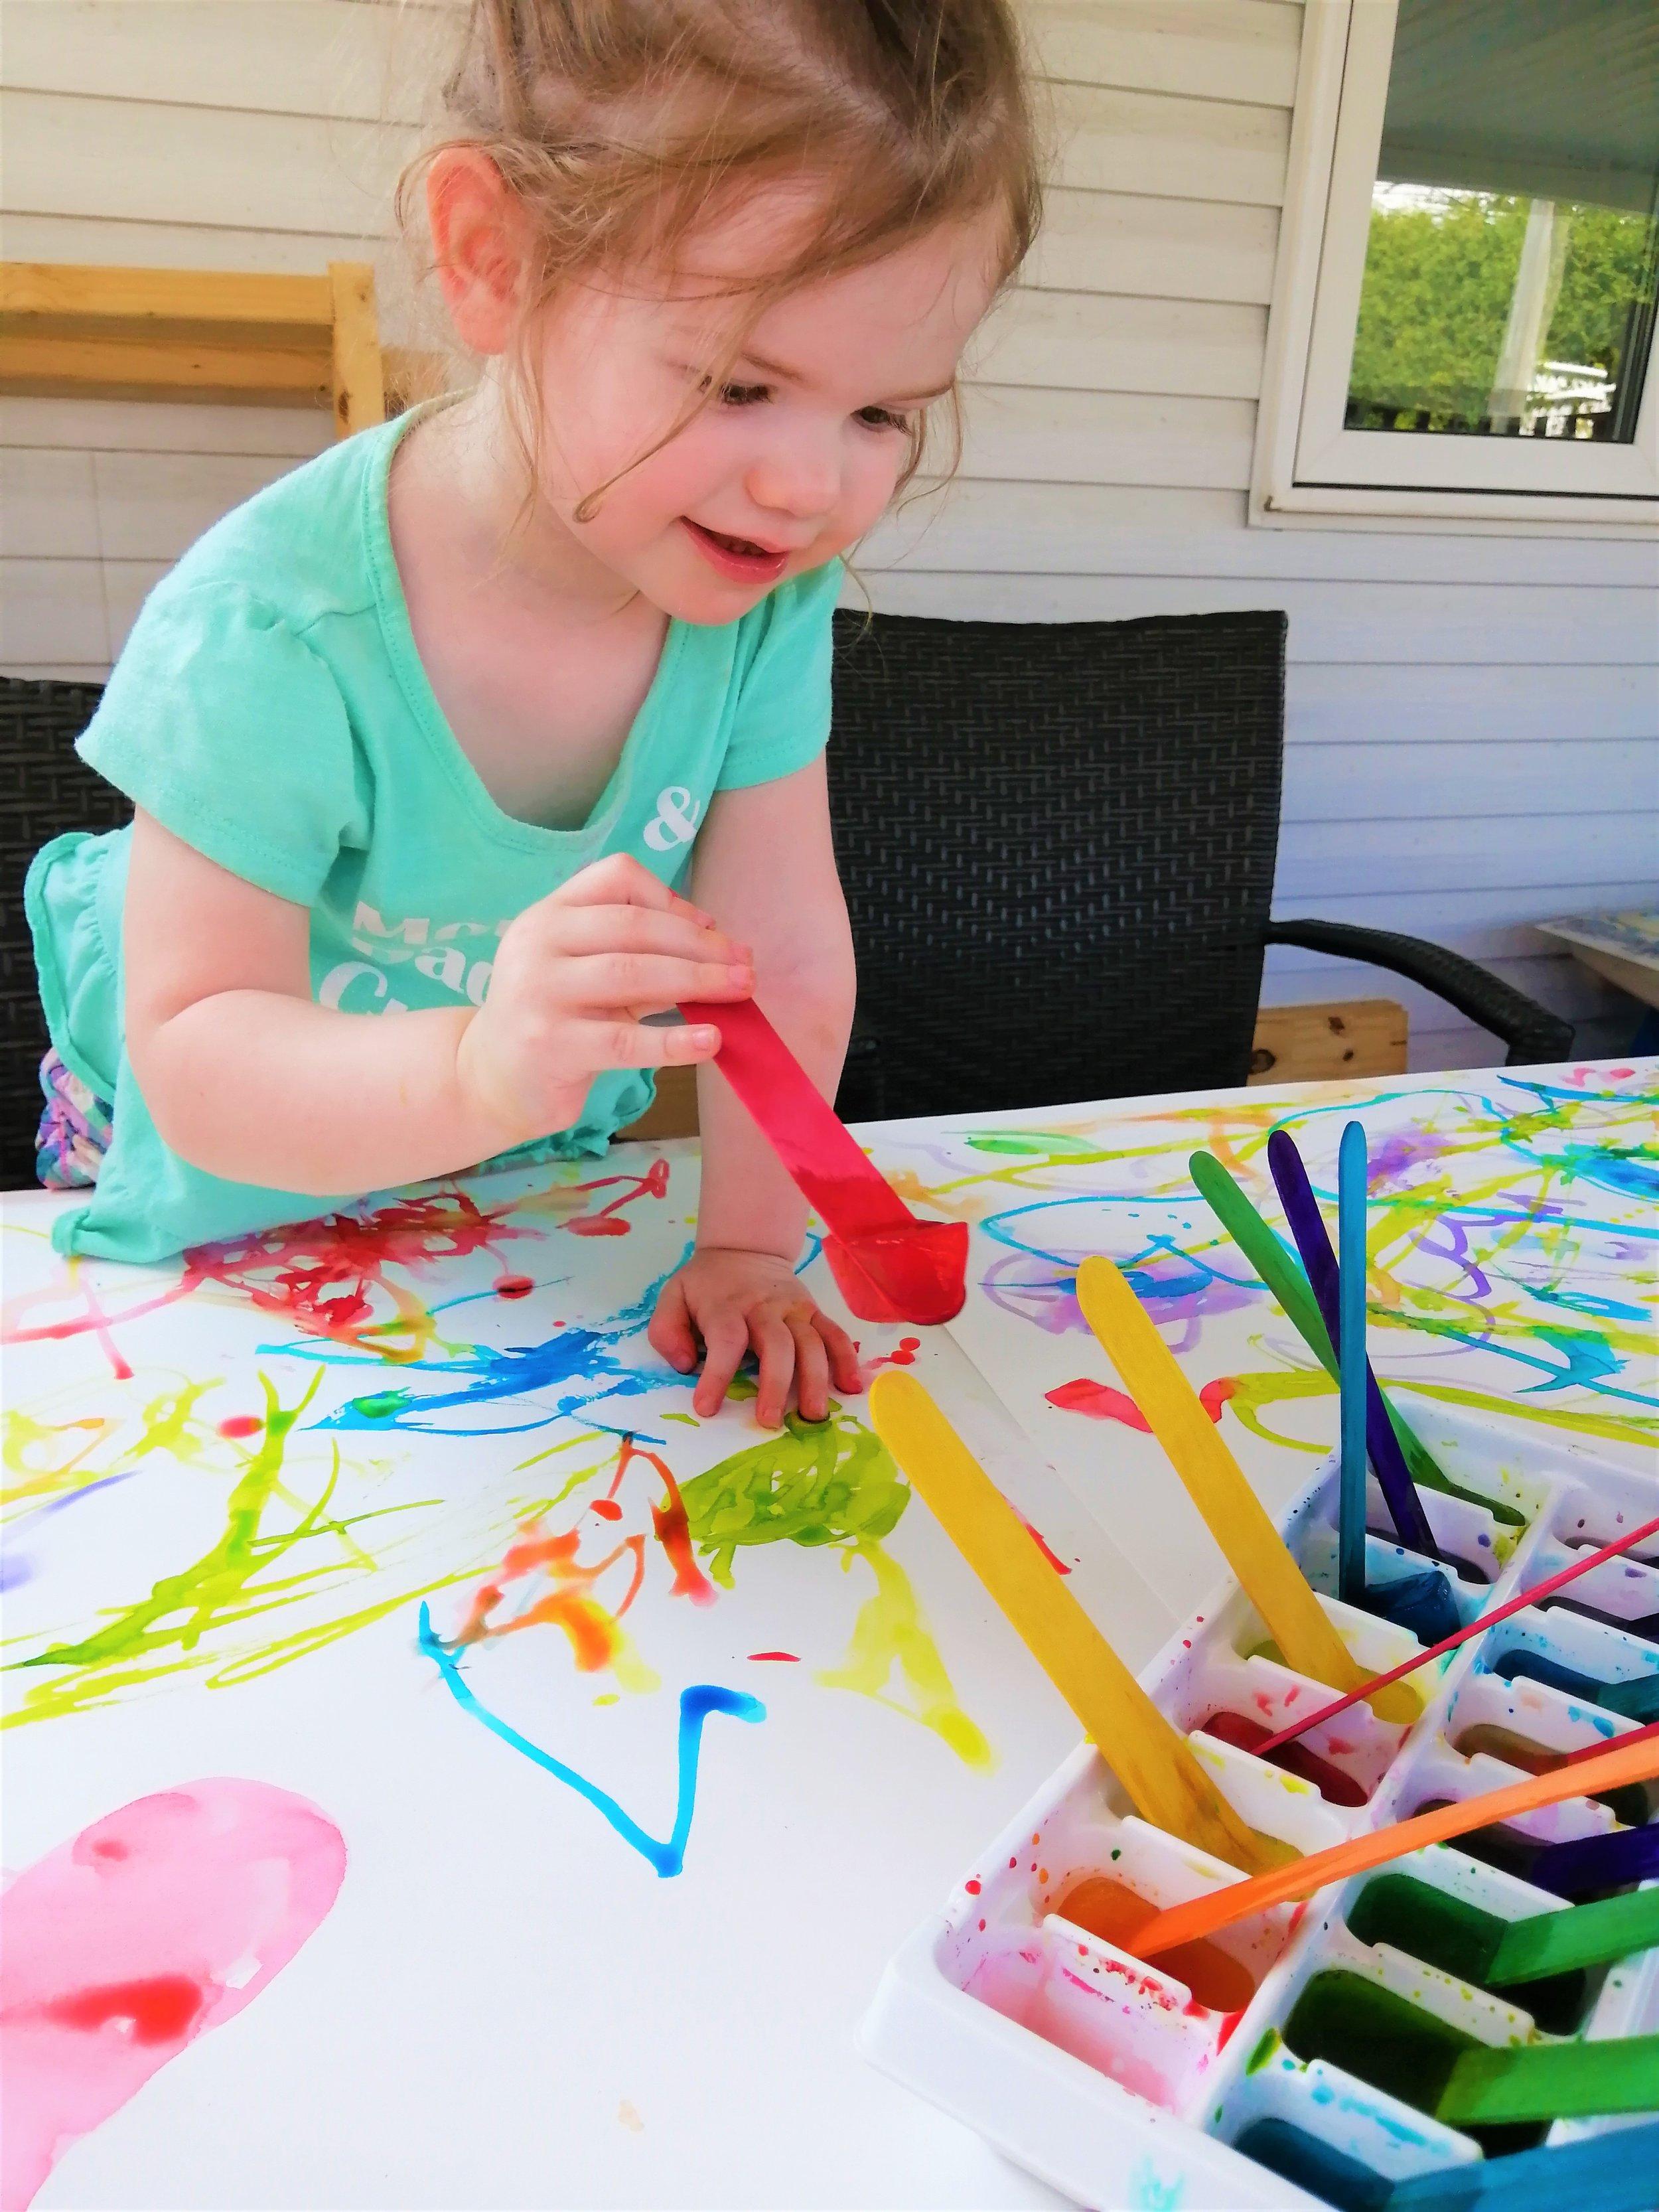 peinture-glacée-activité-intérieure-enfant-plaisir-maman-bricole-couleurs-art-créativ